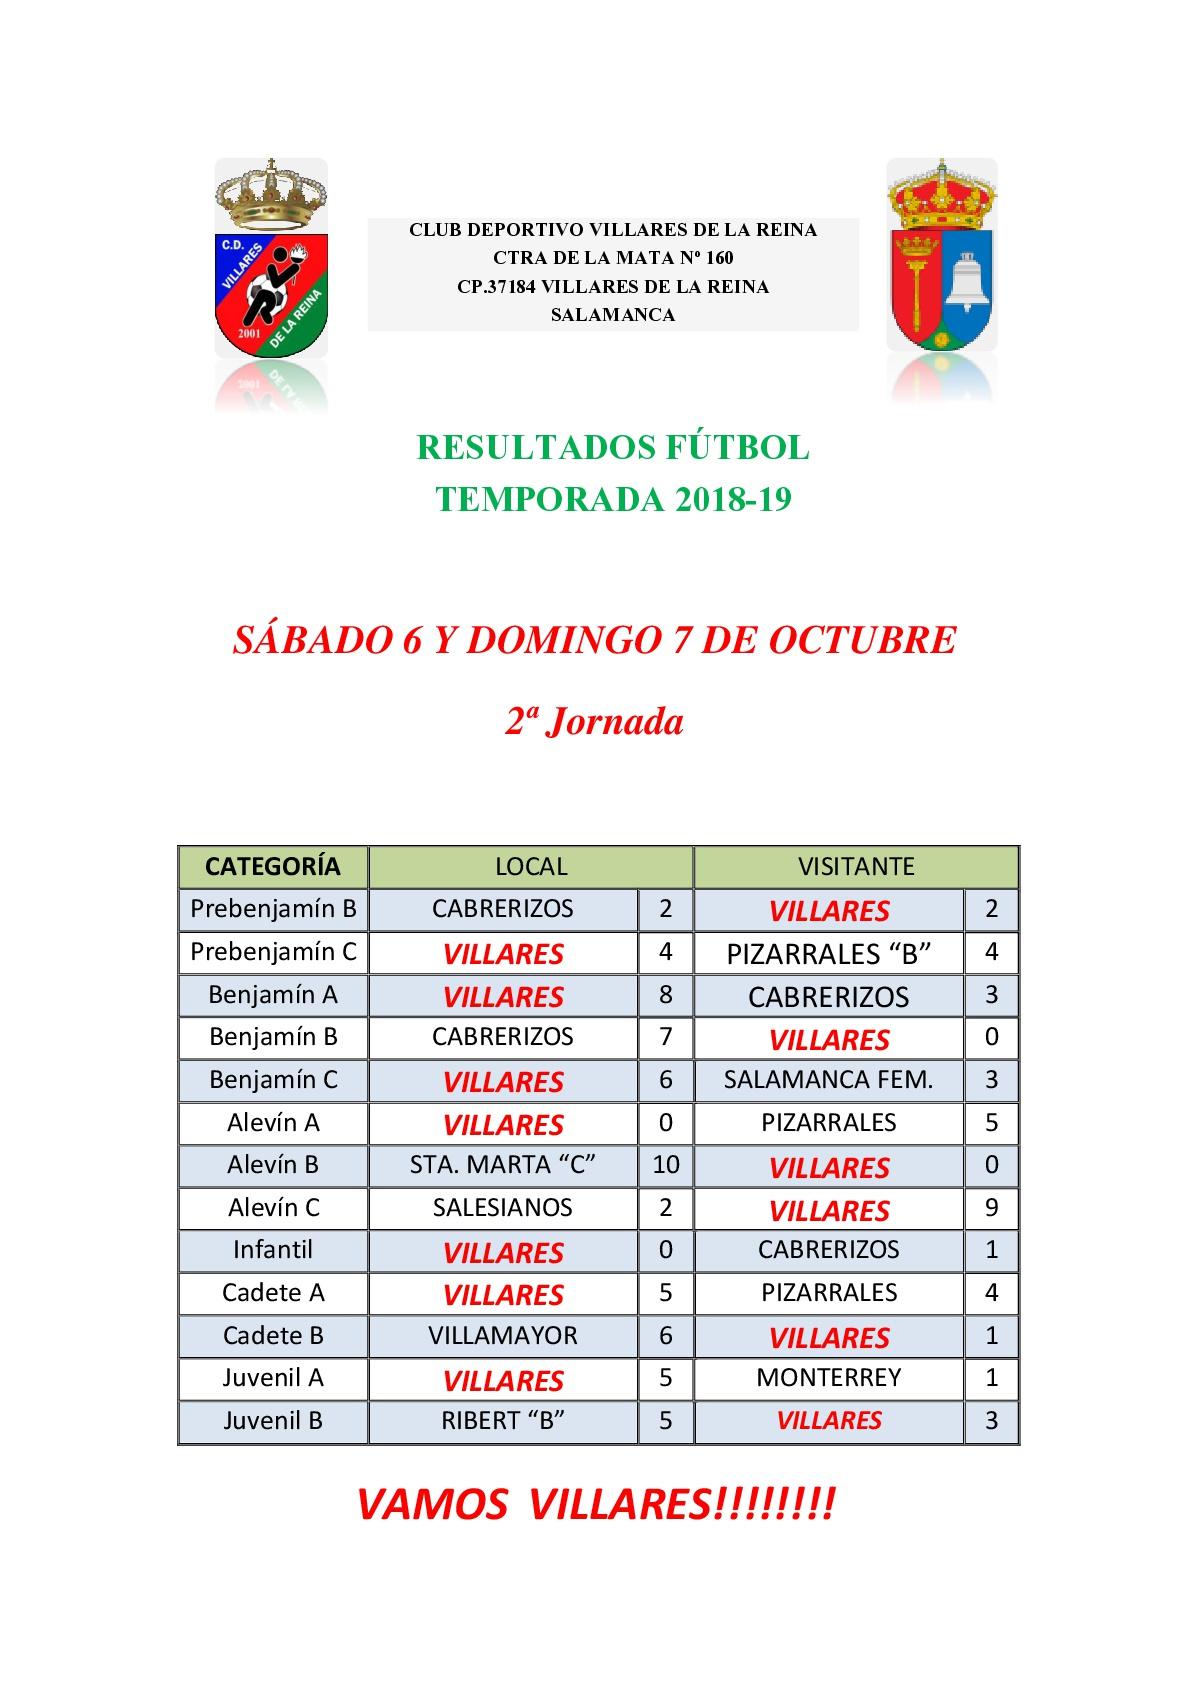 RESULTADOS DE LA SEGUNDA JORNADA DE F�TBOL 6-7 DE OCTUBRE